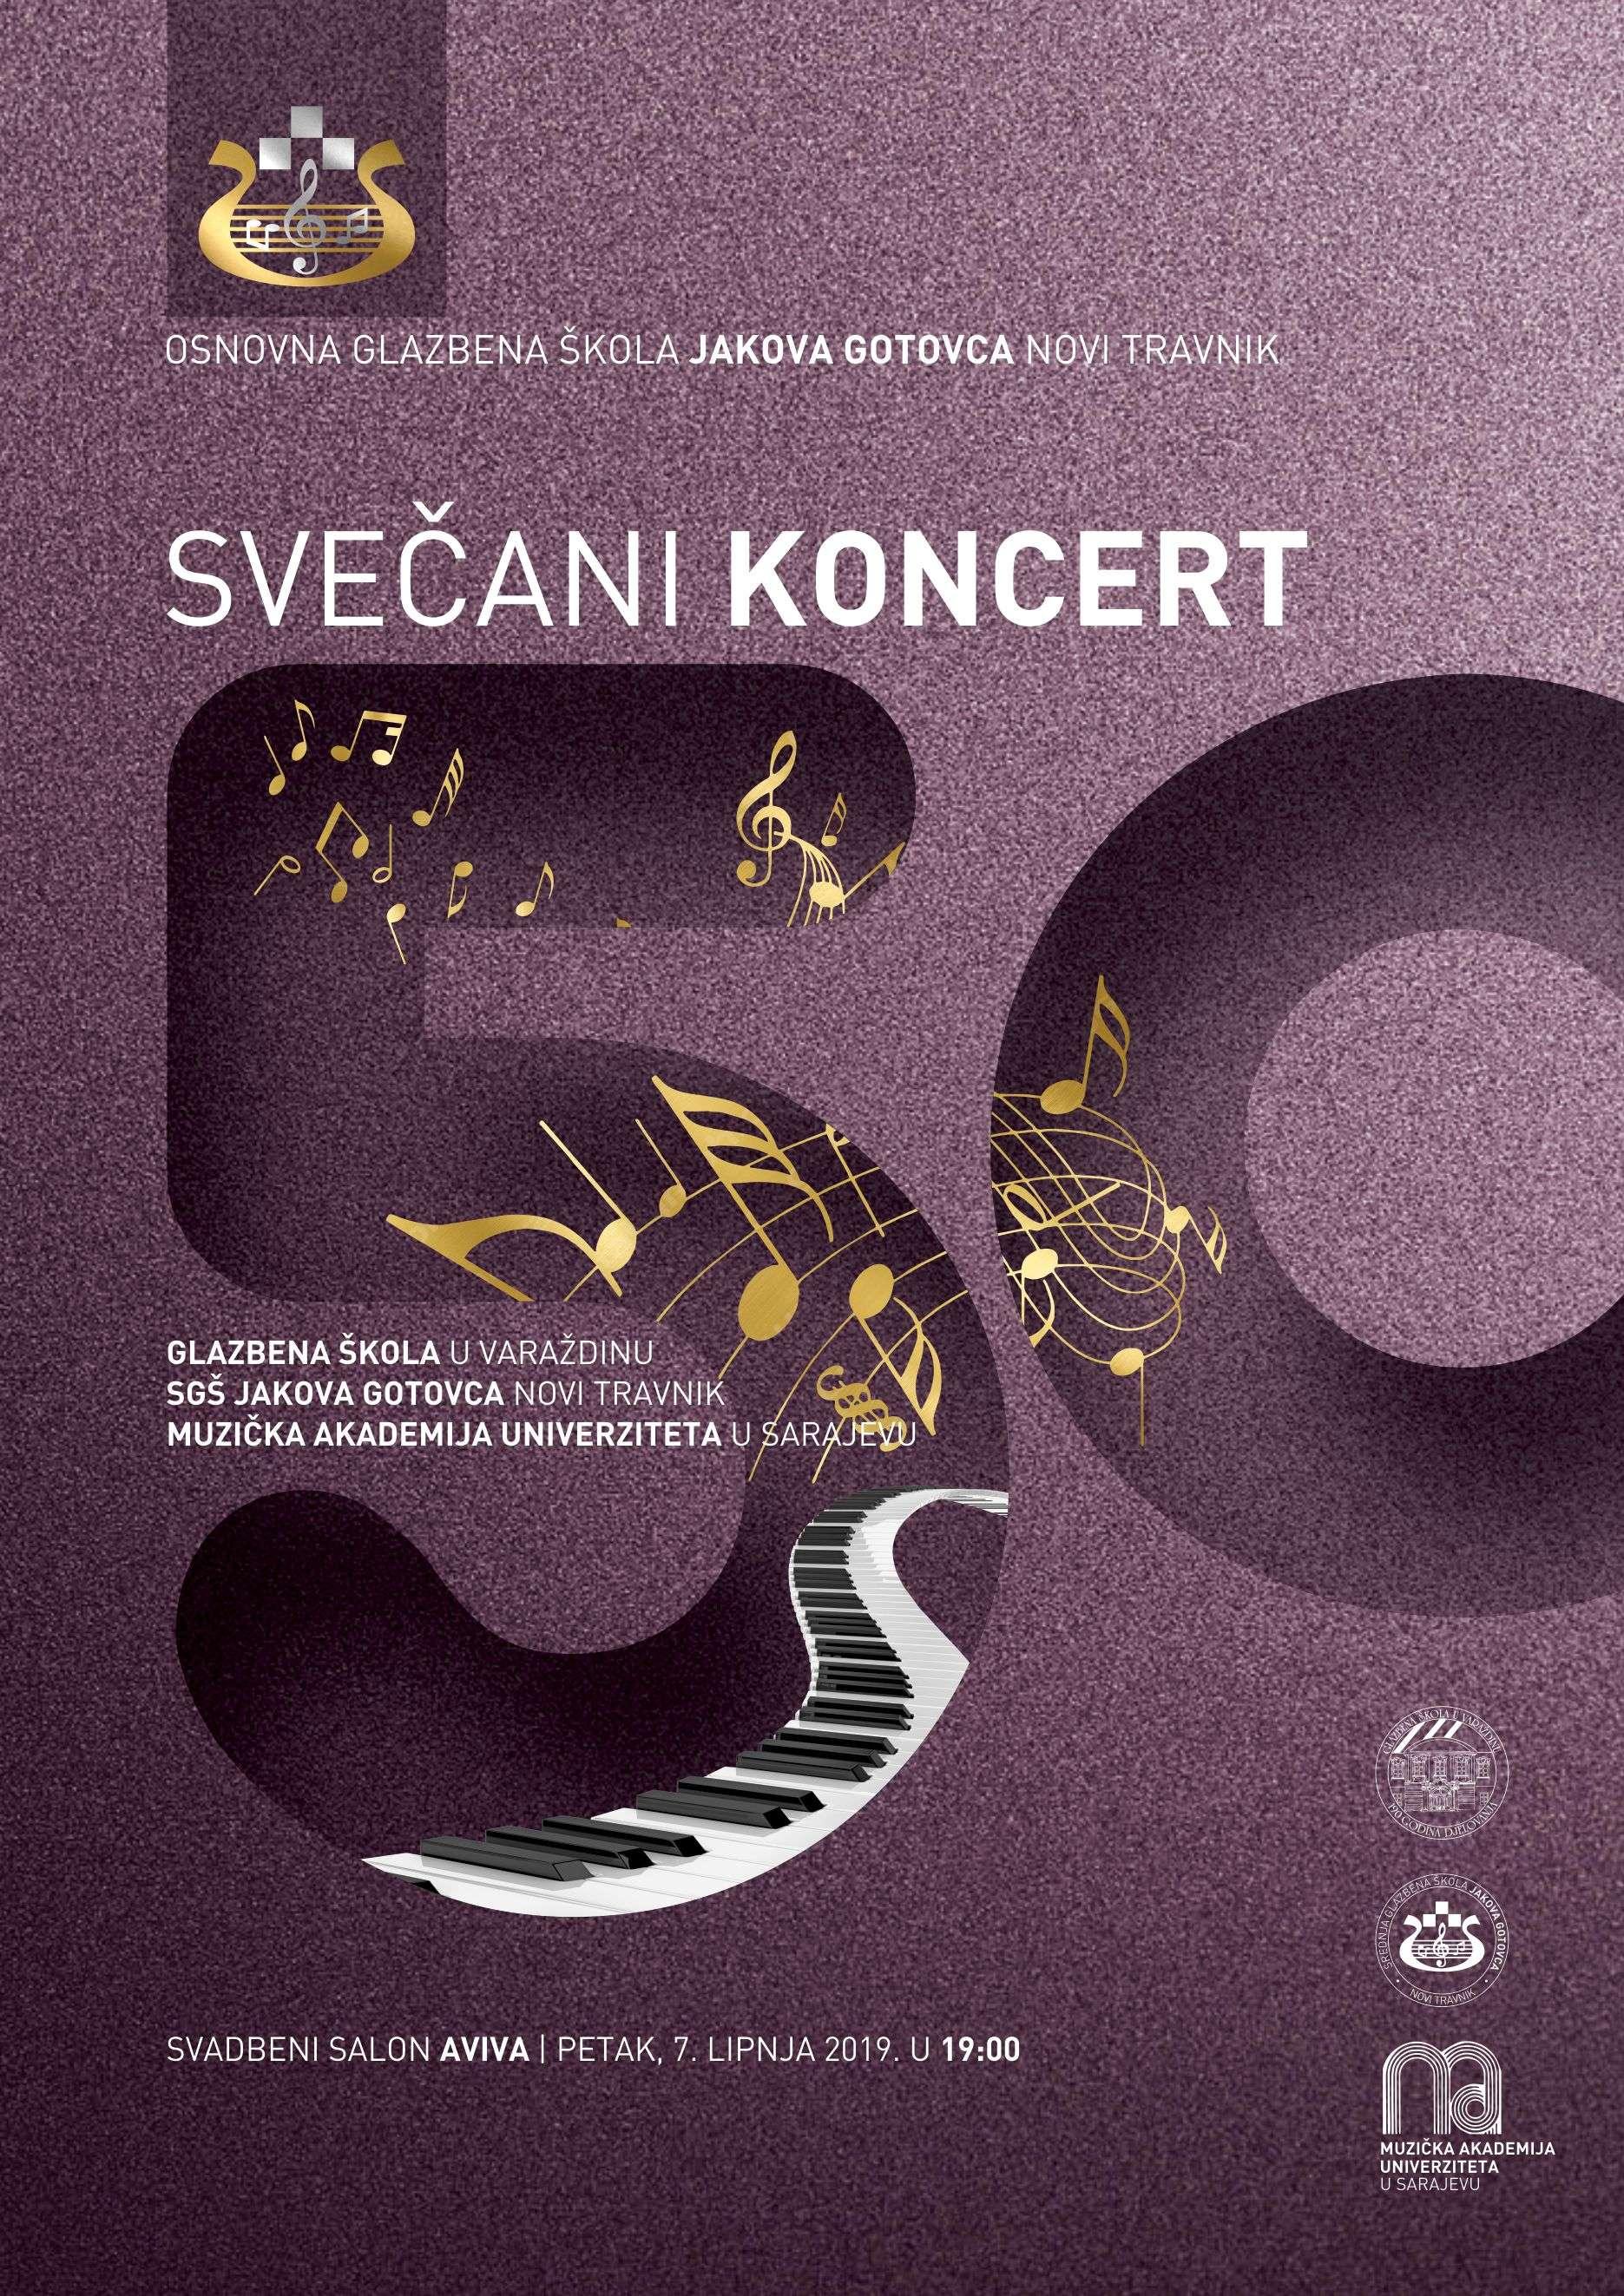 ogš jakova gotovca svečano obilježava 50 godina osnovnog glazbenog obrazovanja u novom travniku